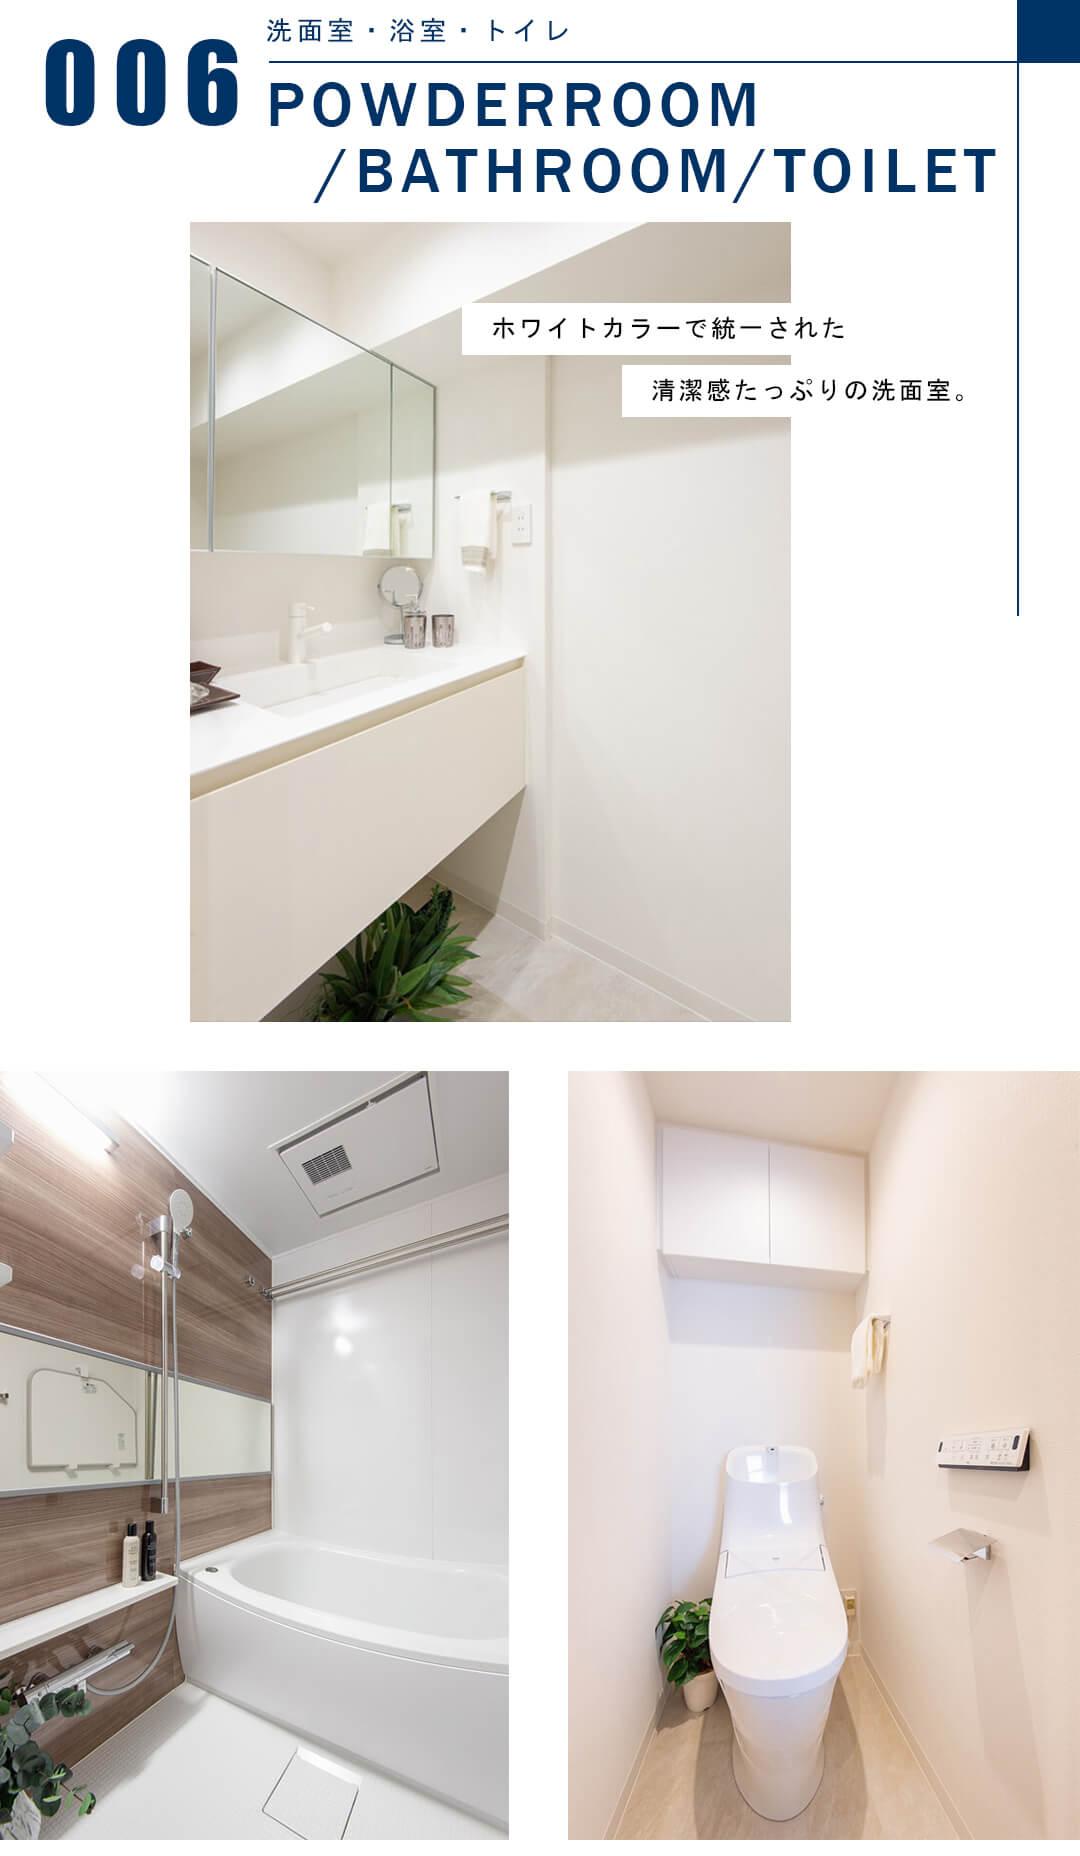 セザール小石川の洗面室・浴室・トイレ